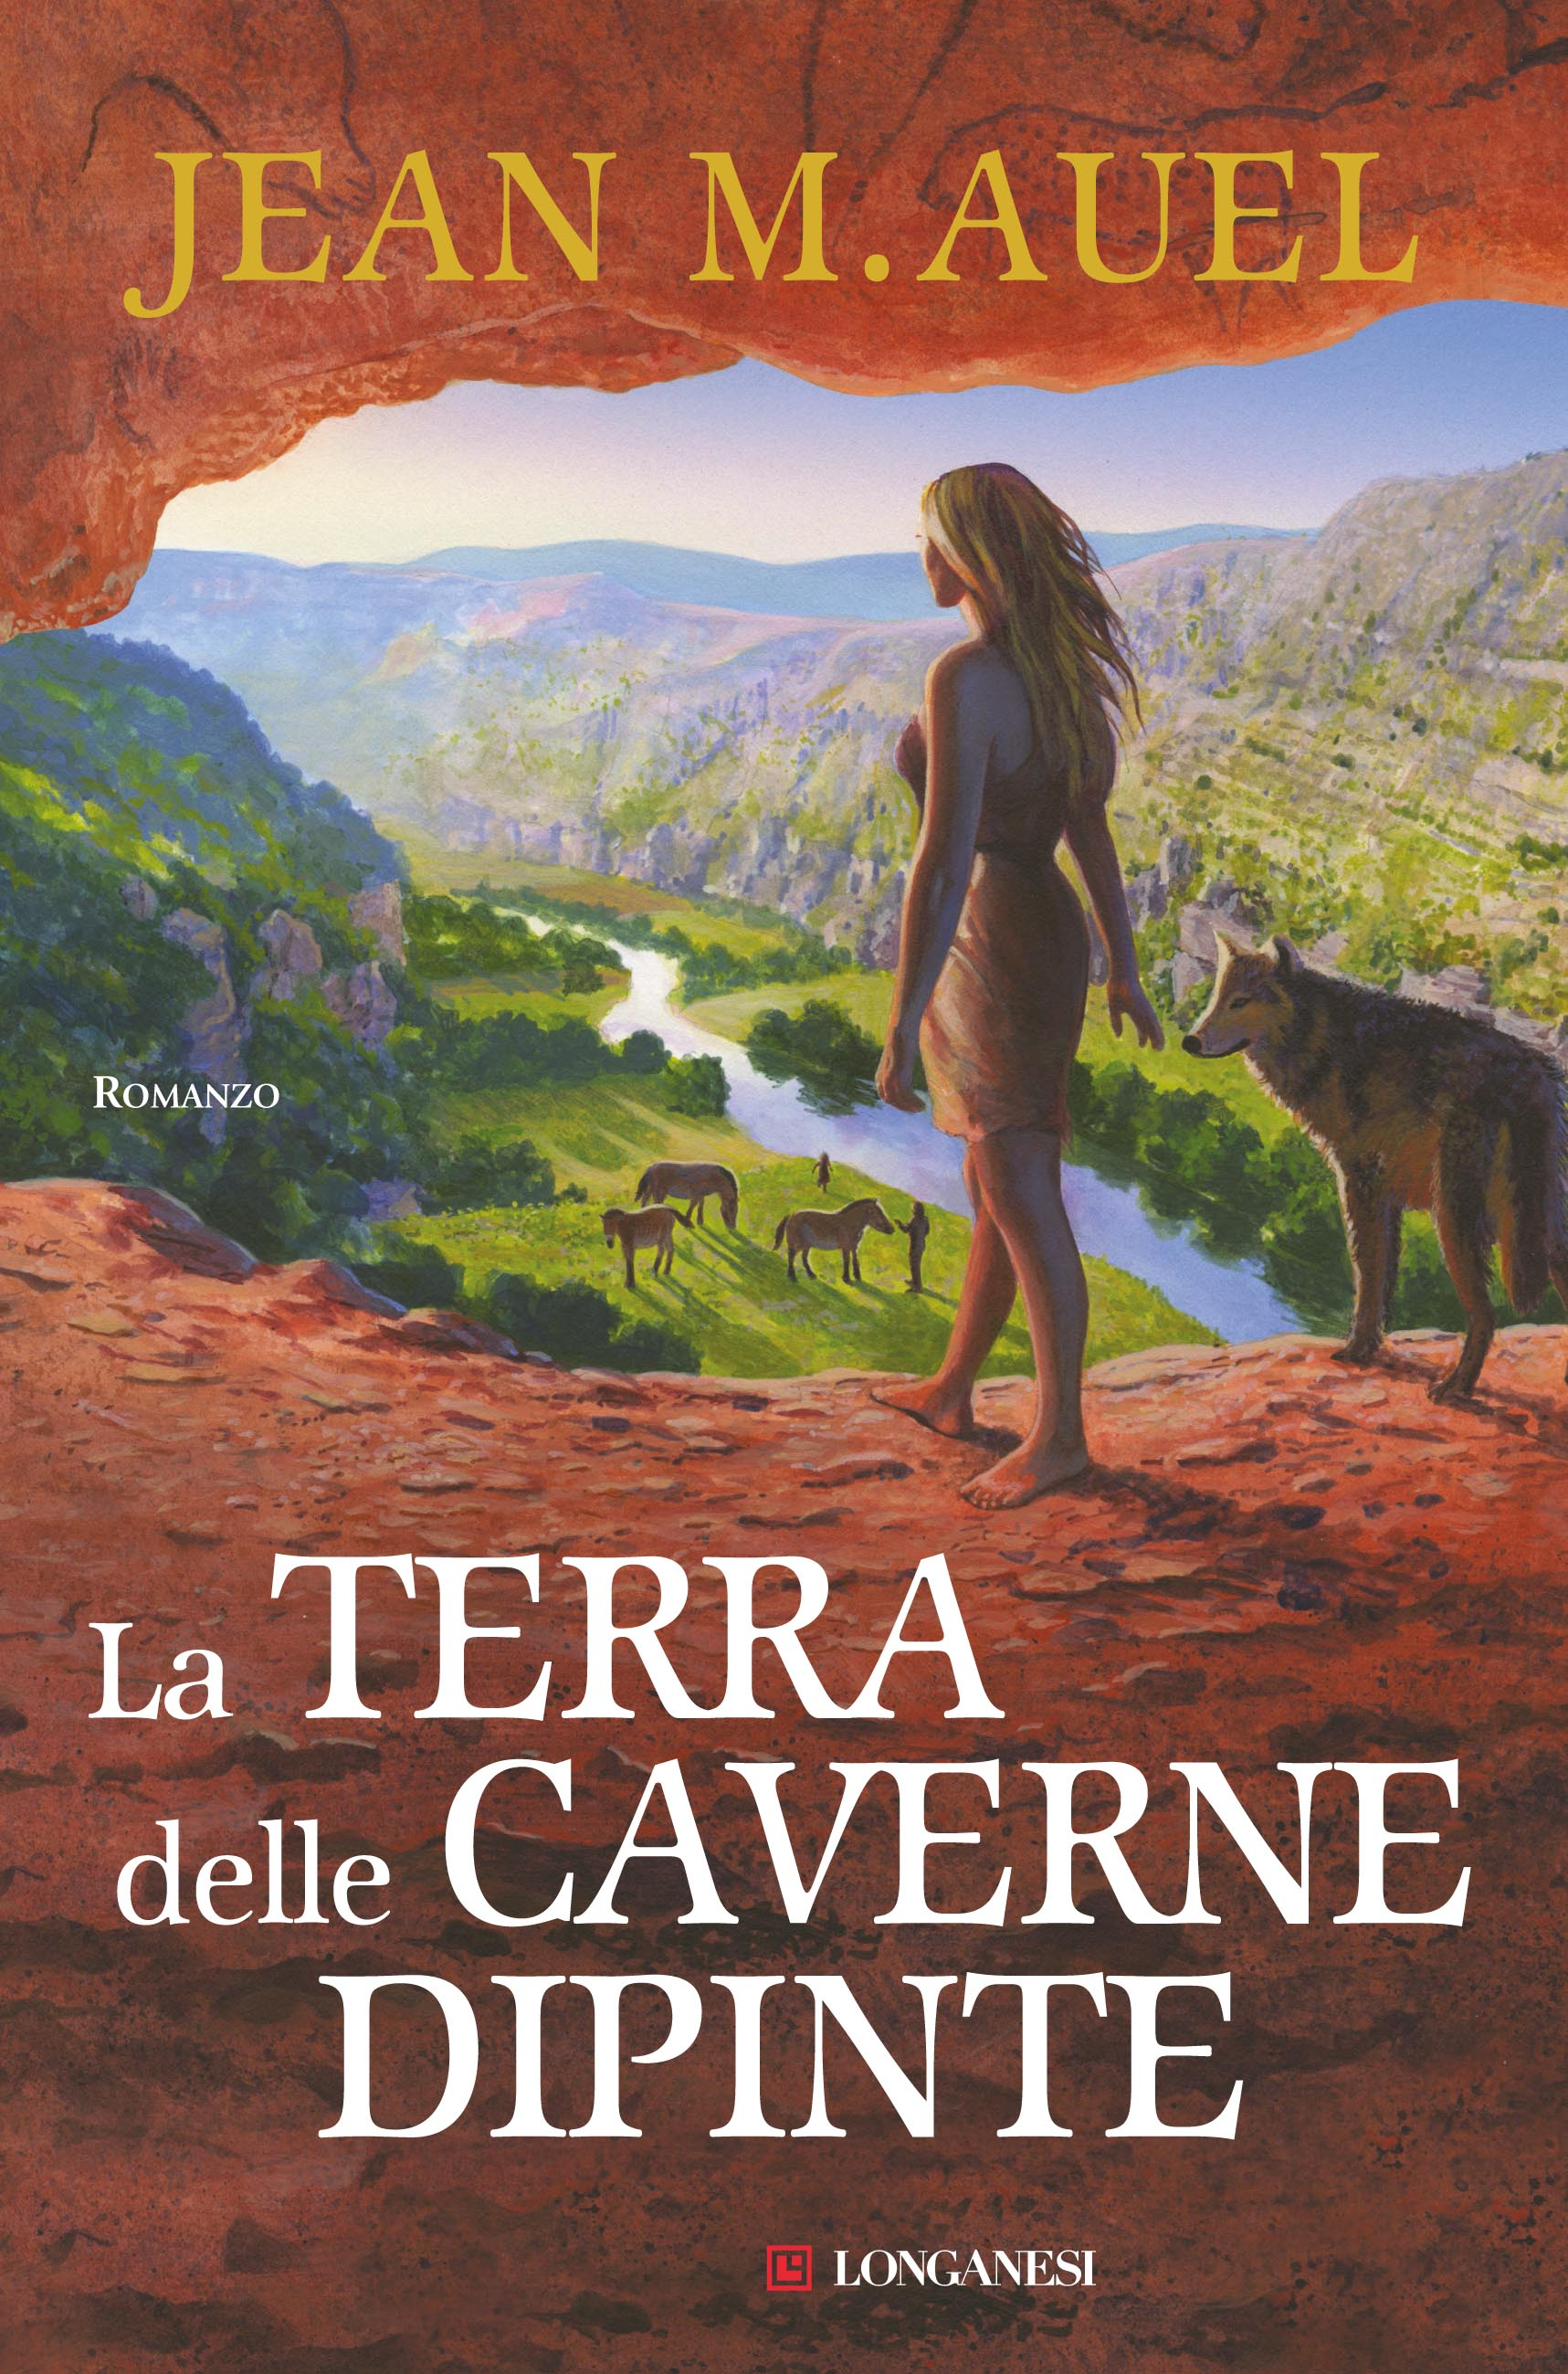 La terra delle caverne dipinte